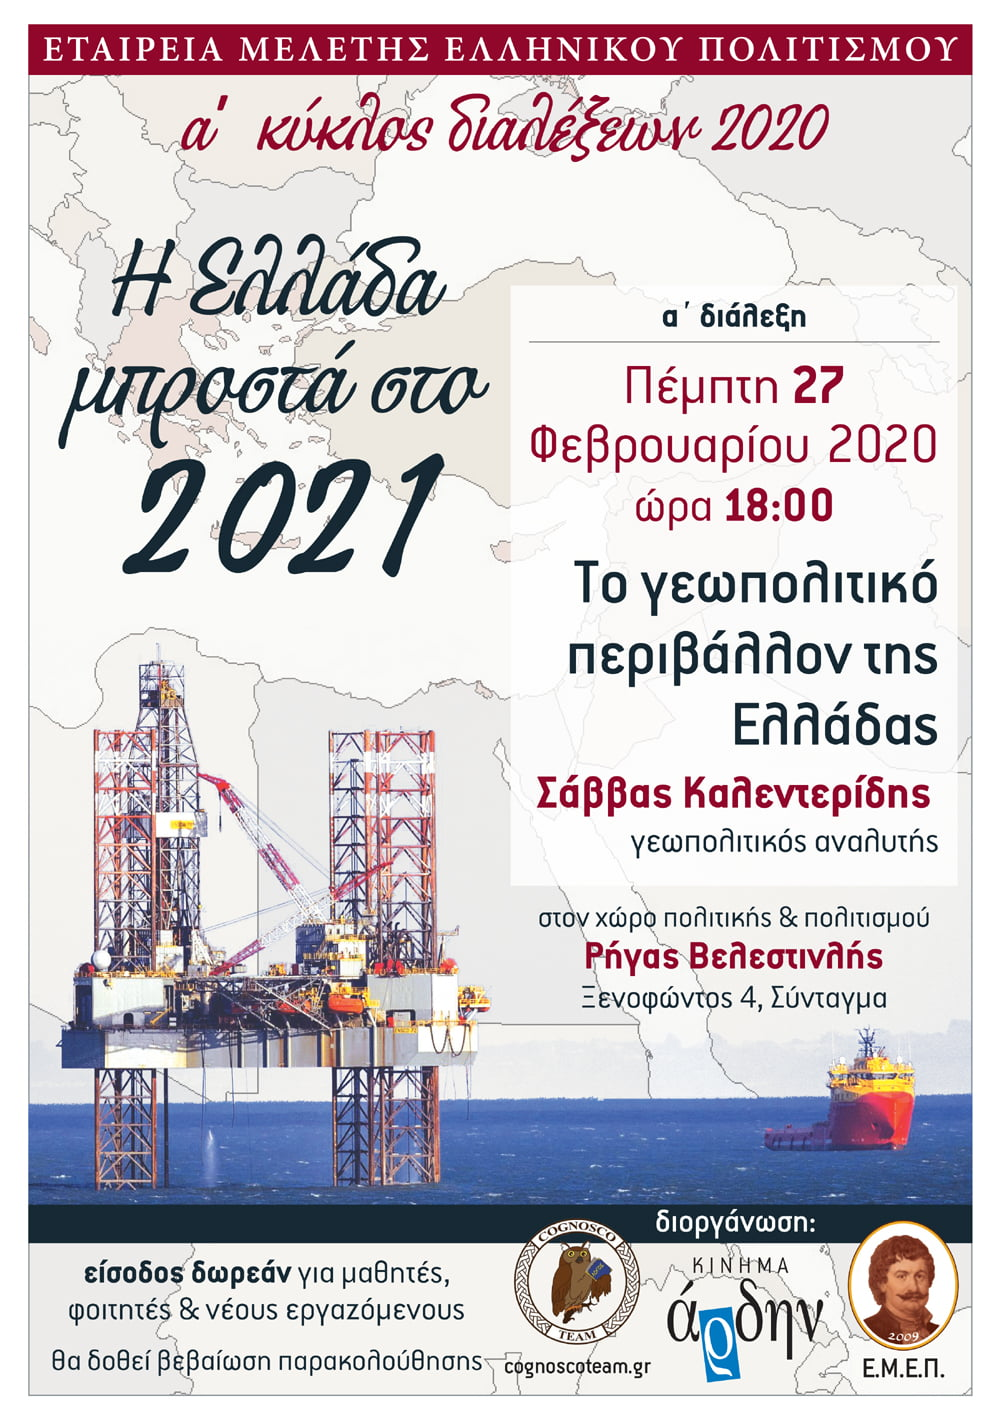 Η Ελλάδα μπροστά στο 2021 – Ομιλία Σ. Καλεντερίδη: Το γεωπολιτικό περιβάλλον της Ελλάδας